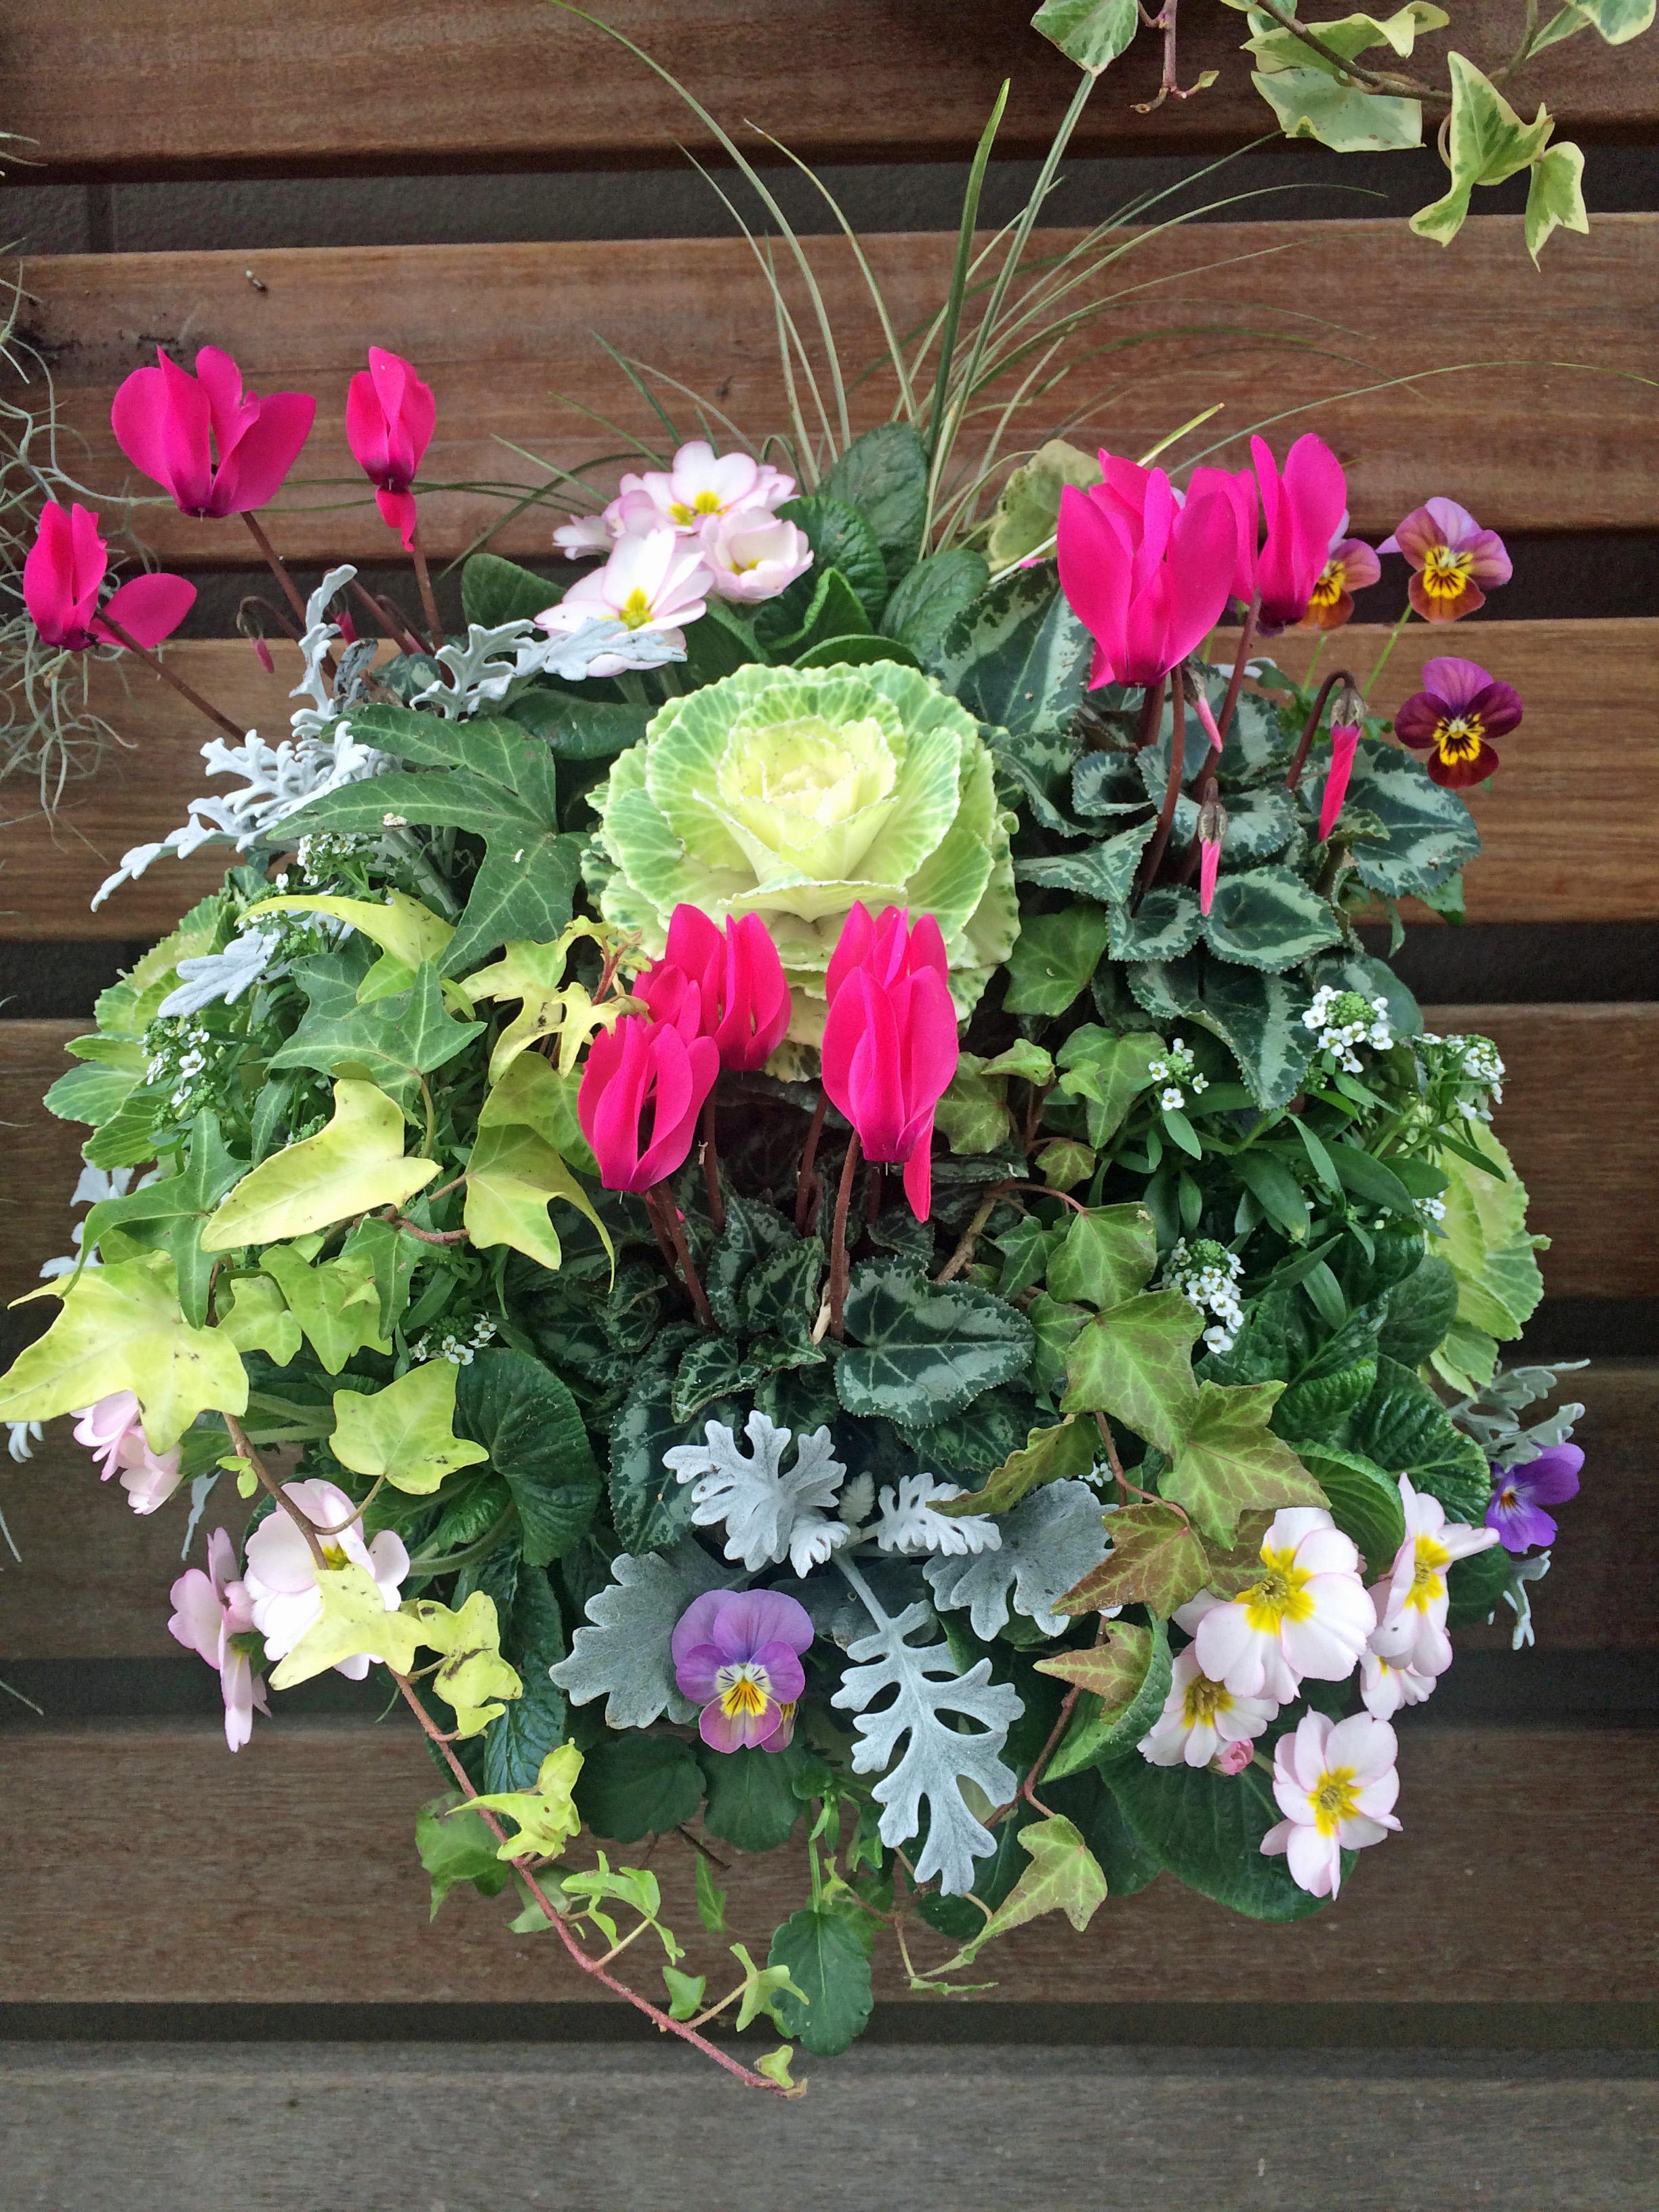 グリーンピア春日井|子ども花育教室「母の日におくる花のプレゼントづくり」